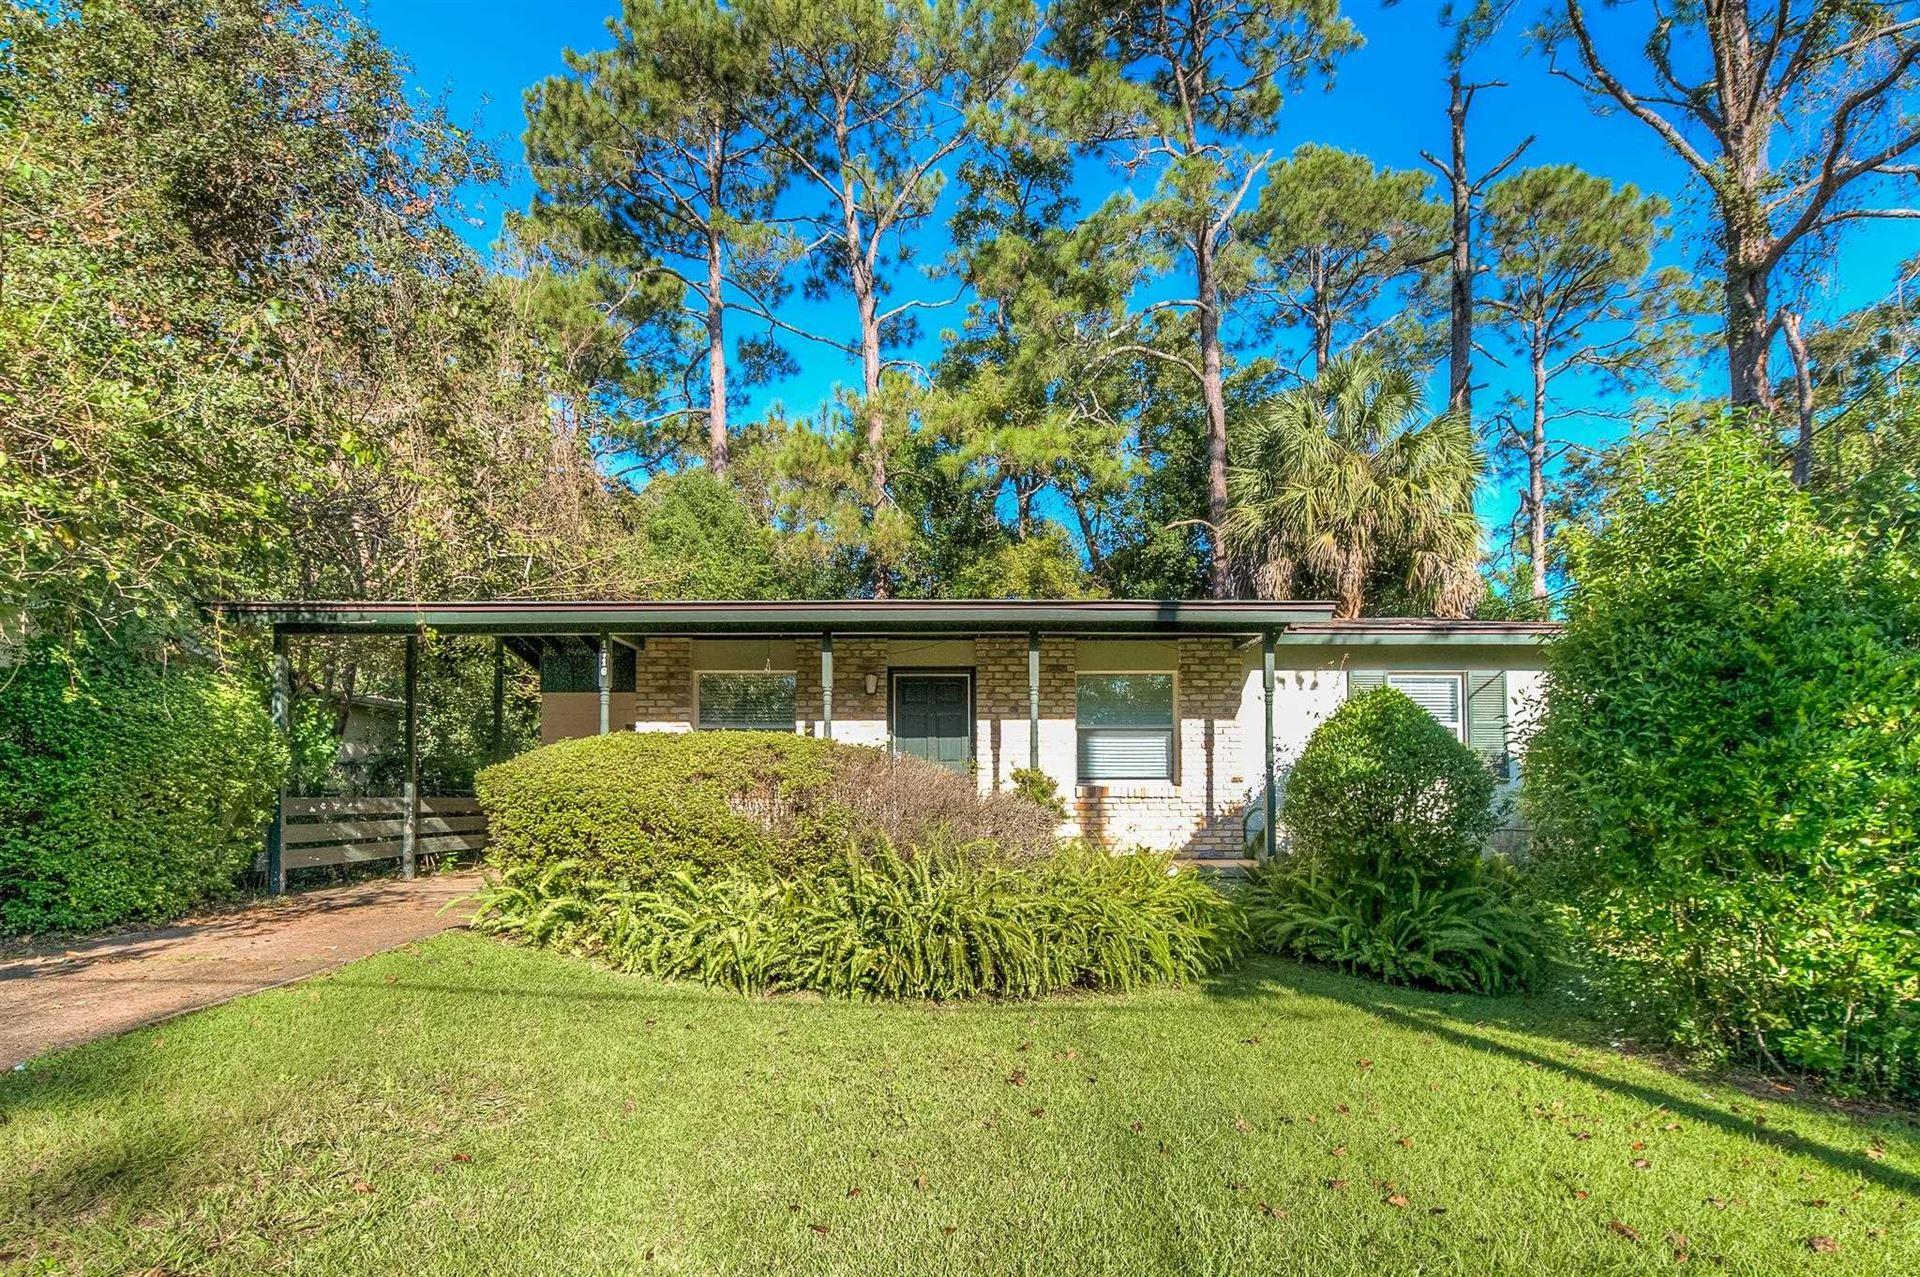 1716 Atkamire Drive, Tallahassee, FL 32304 - MLS#: 338612